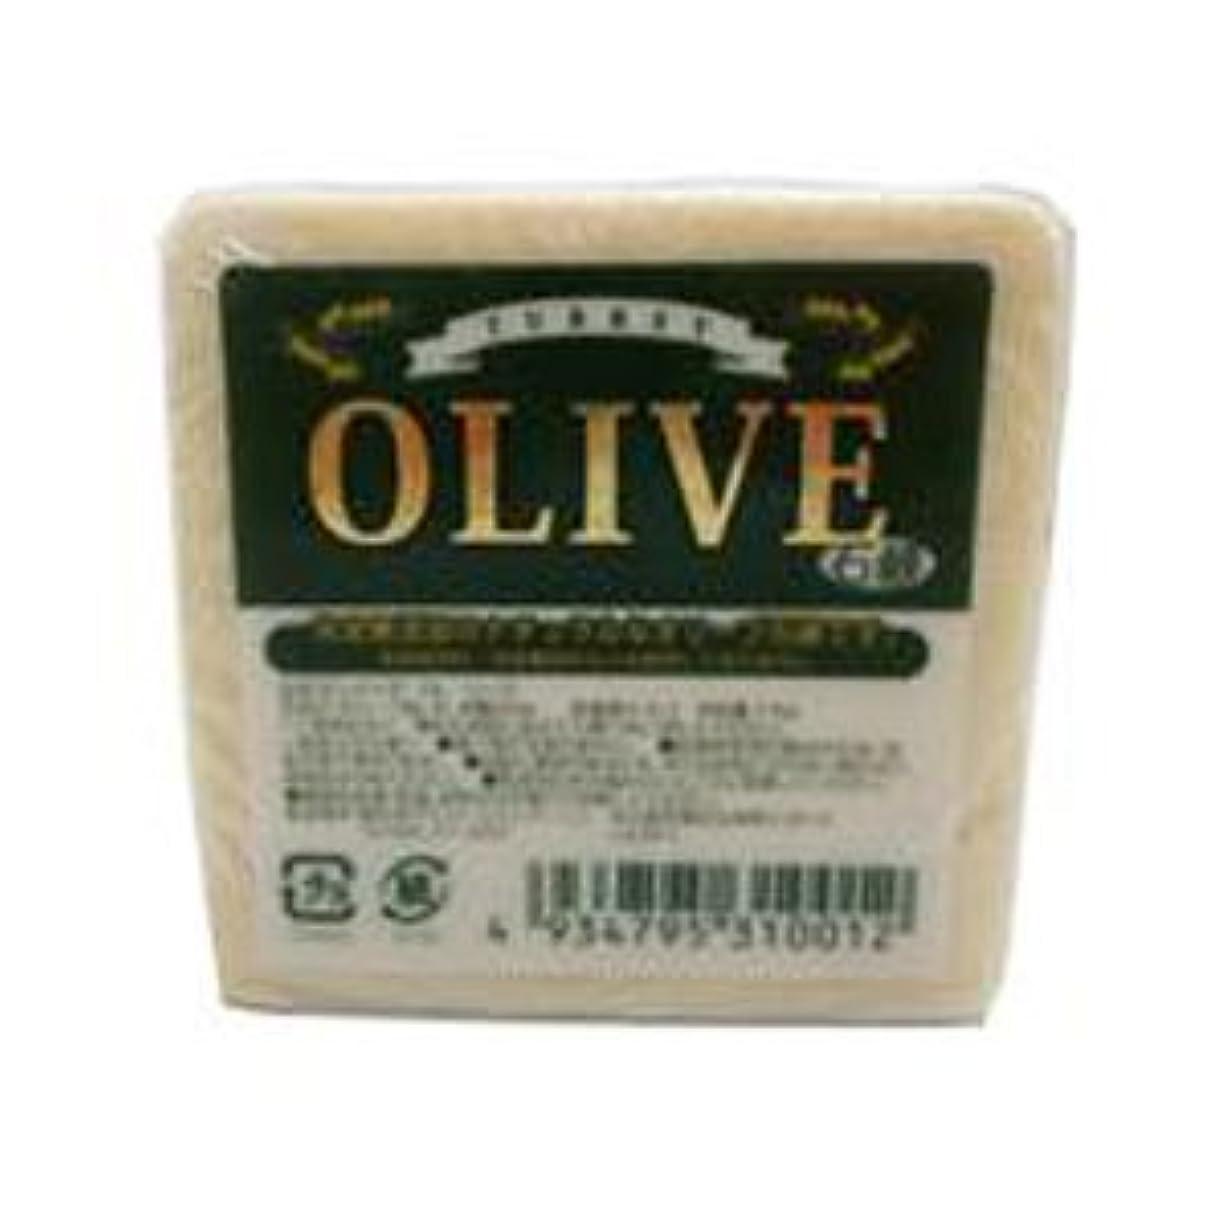 突き刺すかなり後悔お得な5個セット トルコ産オリーブを使用した無添加石鹸 ターキーオリーブ石鹸 135g